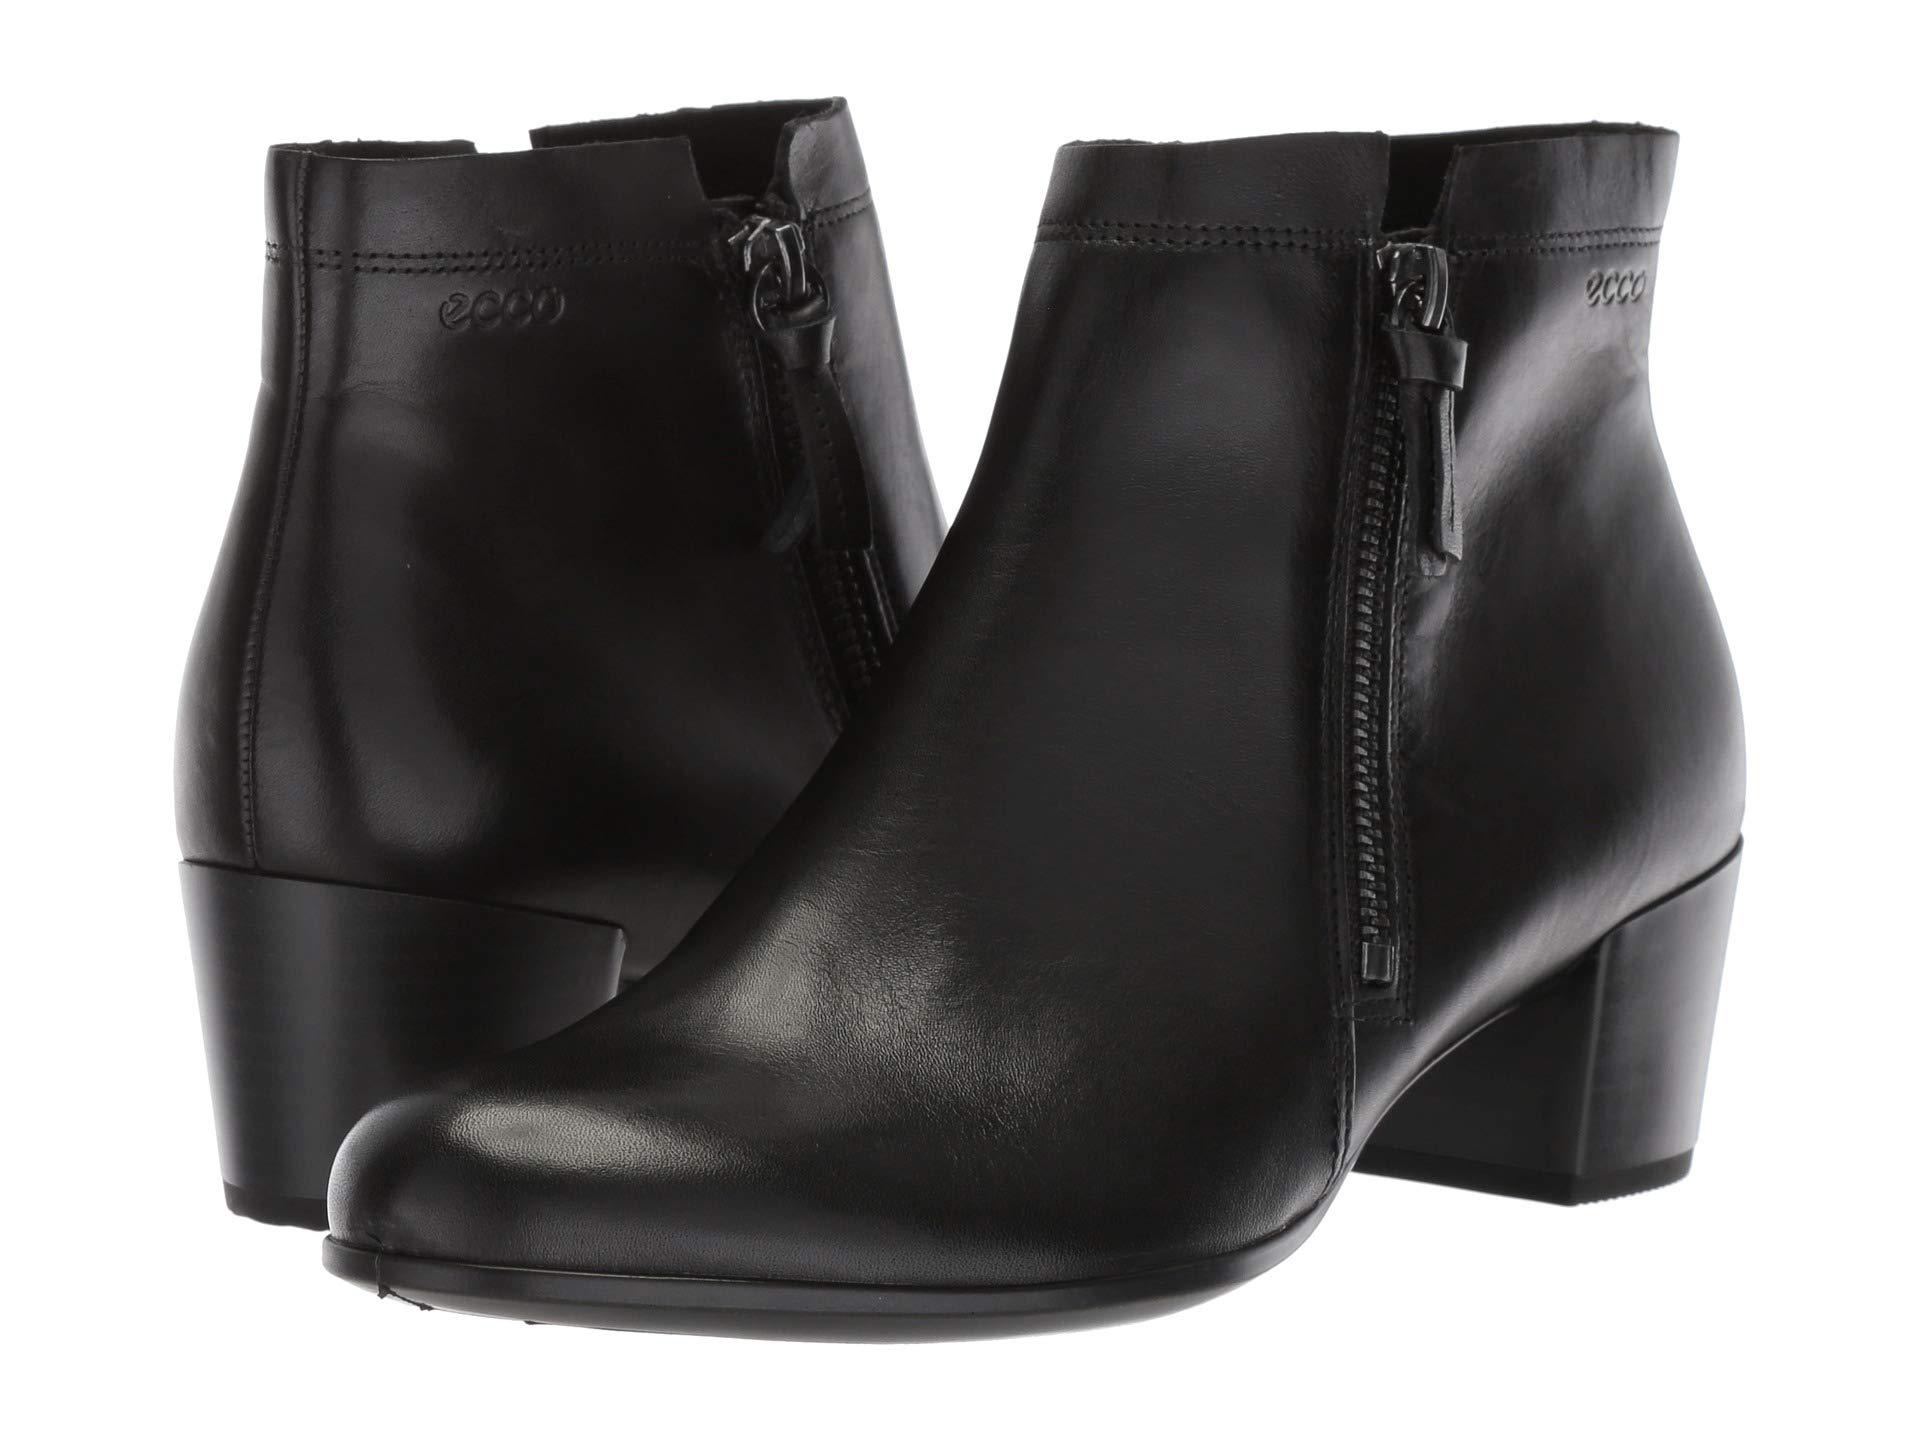 a68bc7d315 Women's Black Shape M 35 Ankle Bootie